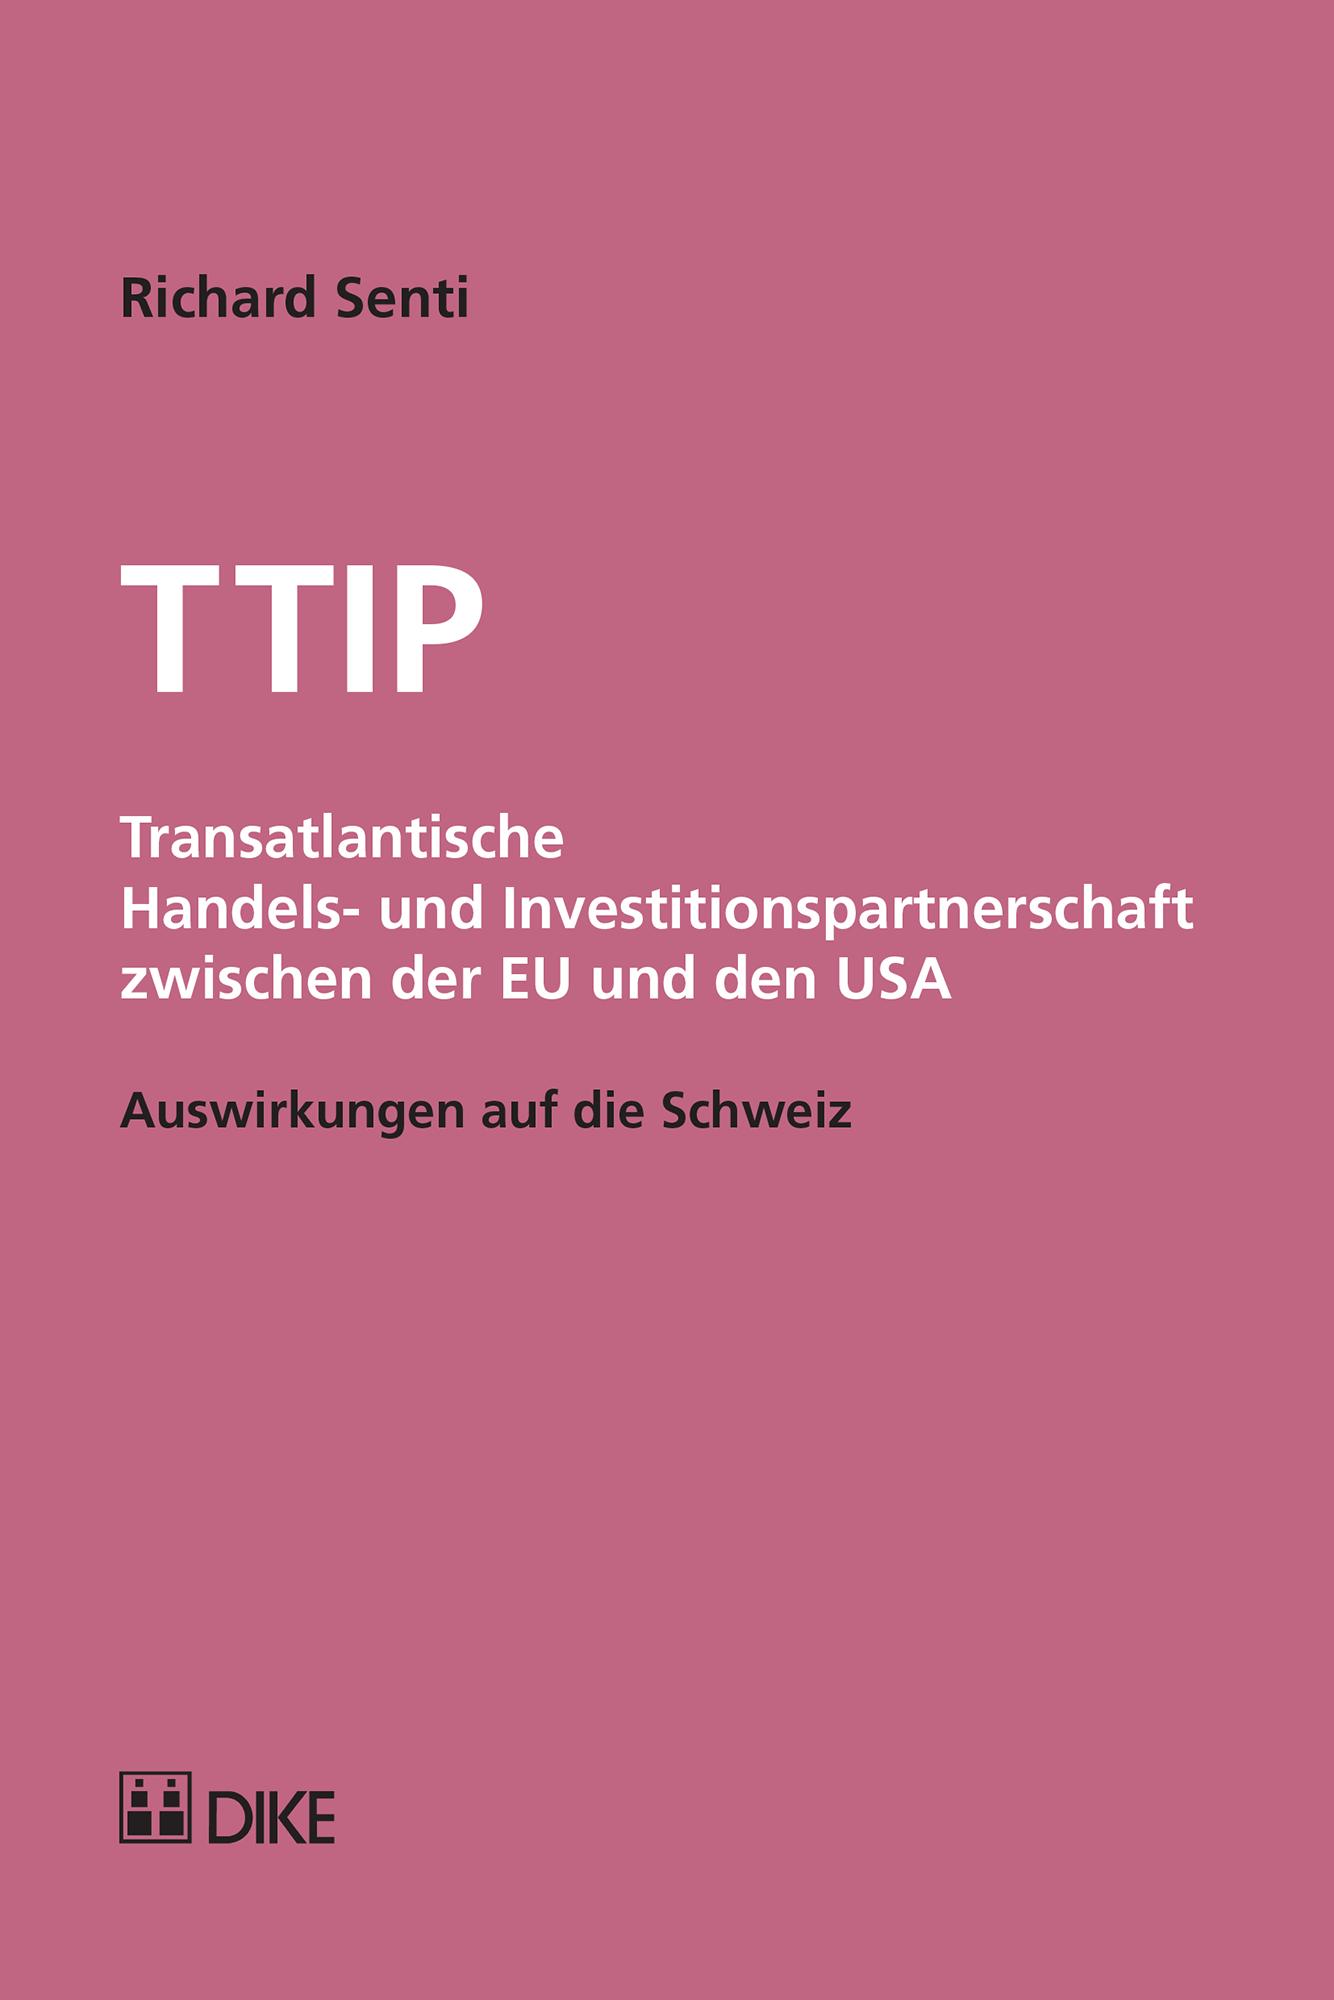 TTIP - Transatlantische Handels- und Investitionspartnerschaft zwischen der EU und den USA